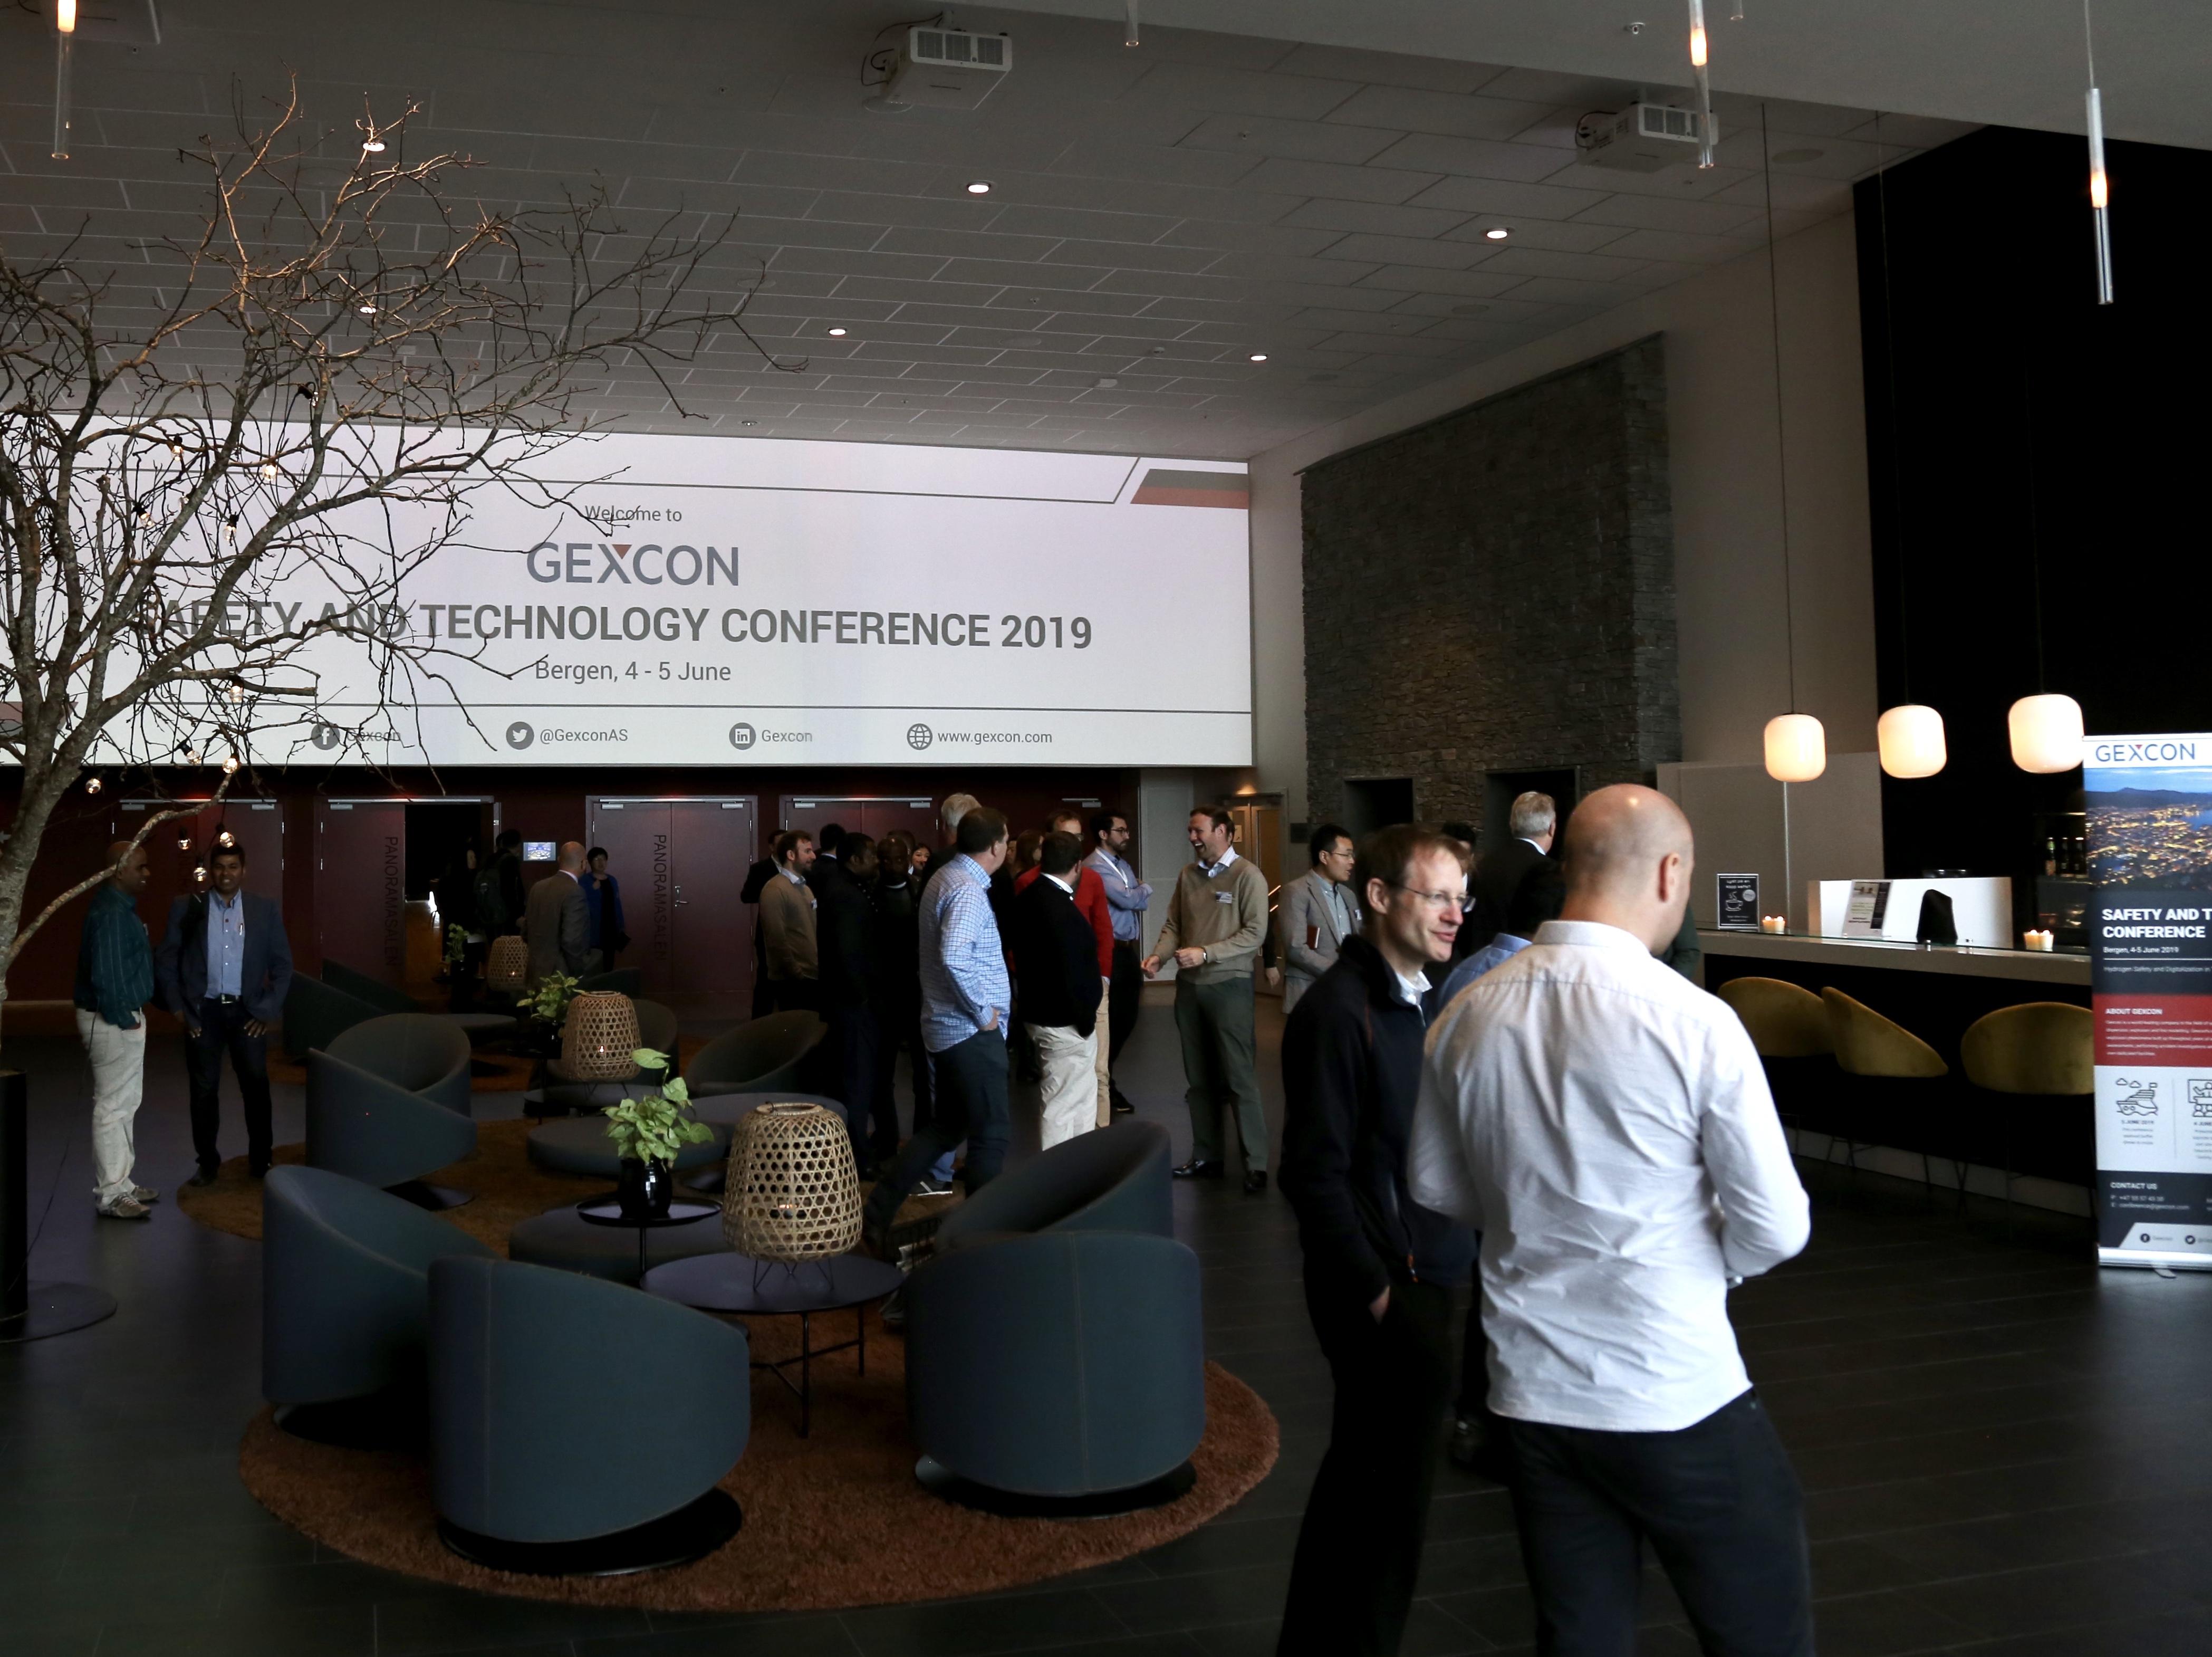 Diskusi antar peserta Konferensi Keselamatan dan Teknologi Gexcon 2019 di lobi utama Resort dan Hotel Panorama.